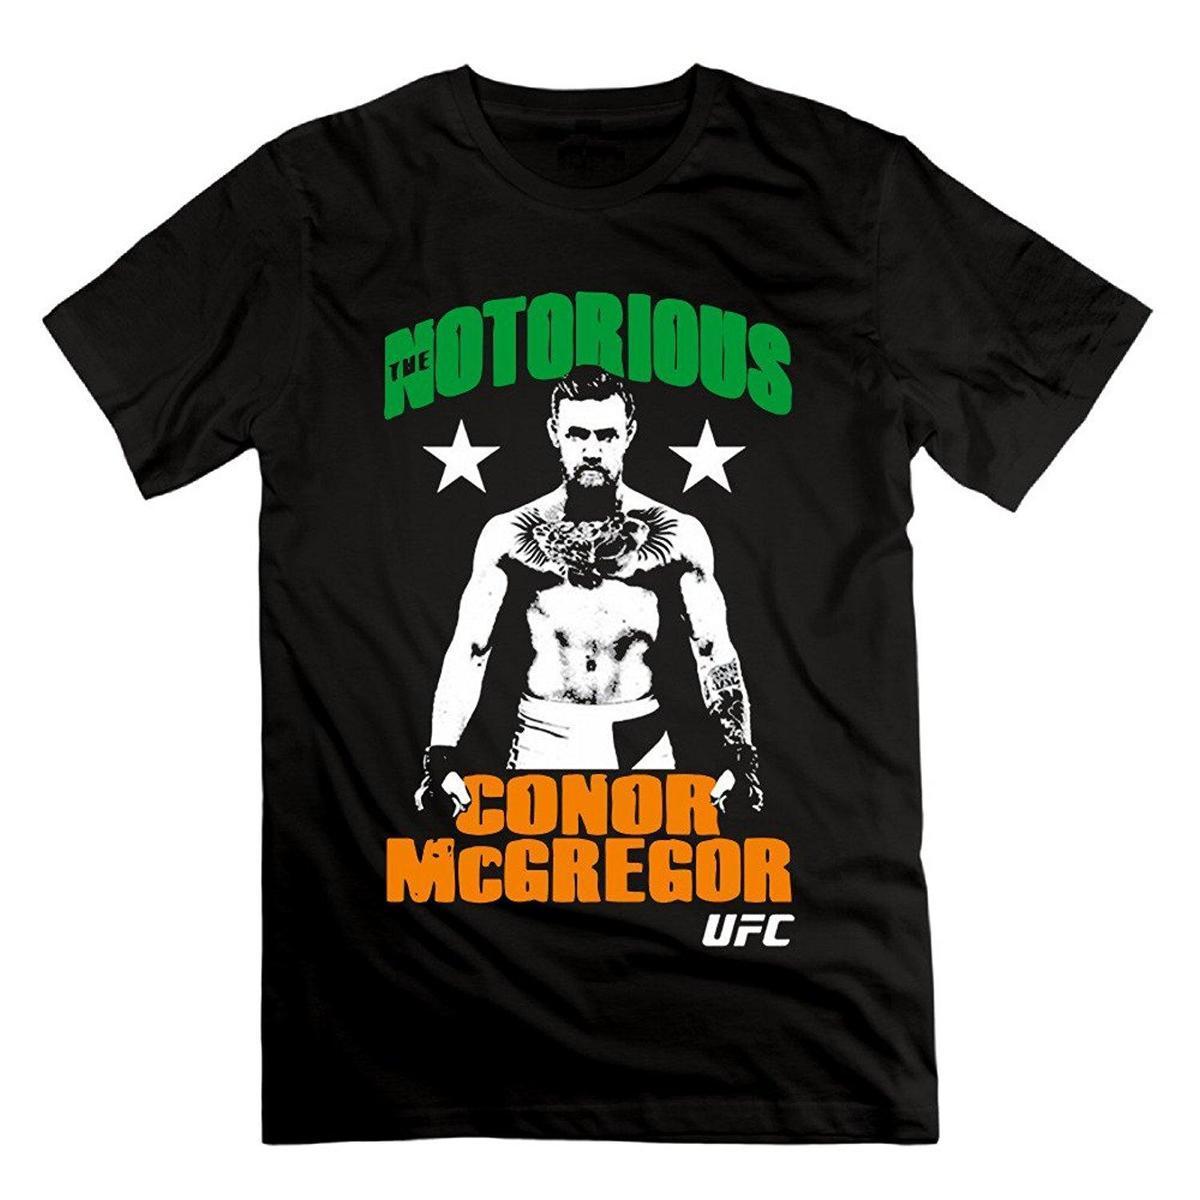 c5b020d98 Compre Camiseta Conor McGregor Notorious Hero Cool De Man s Conor Tee A   12.08 Del Amesion2509